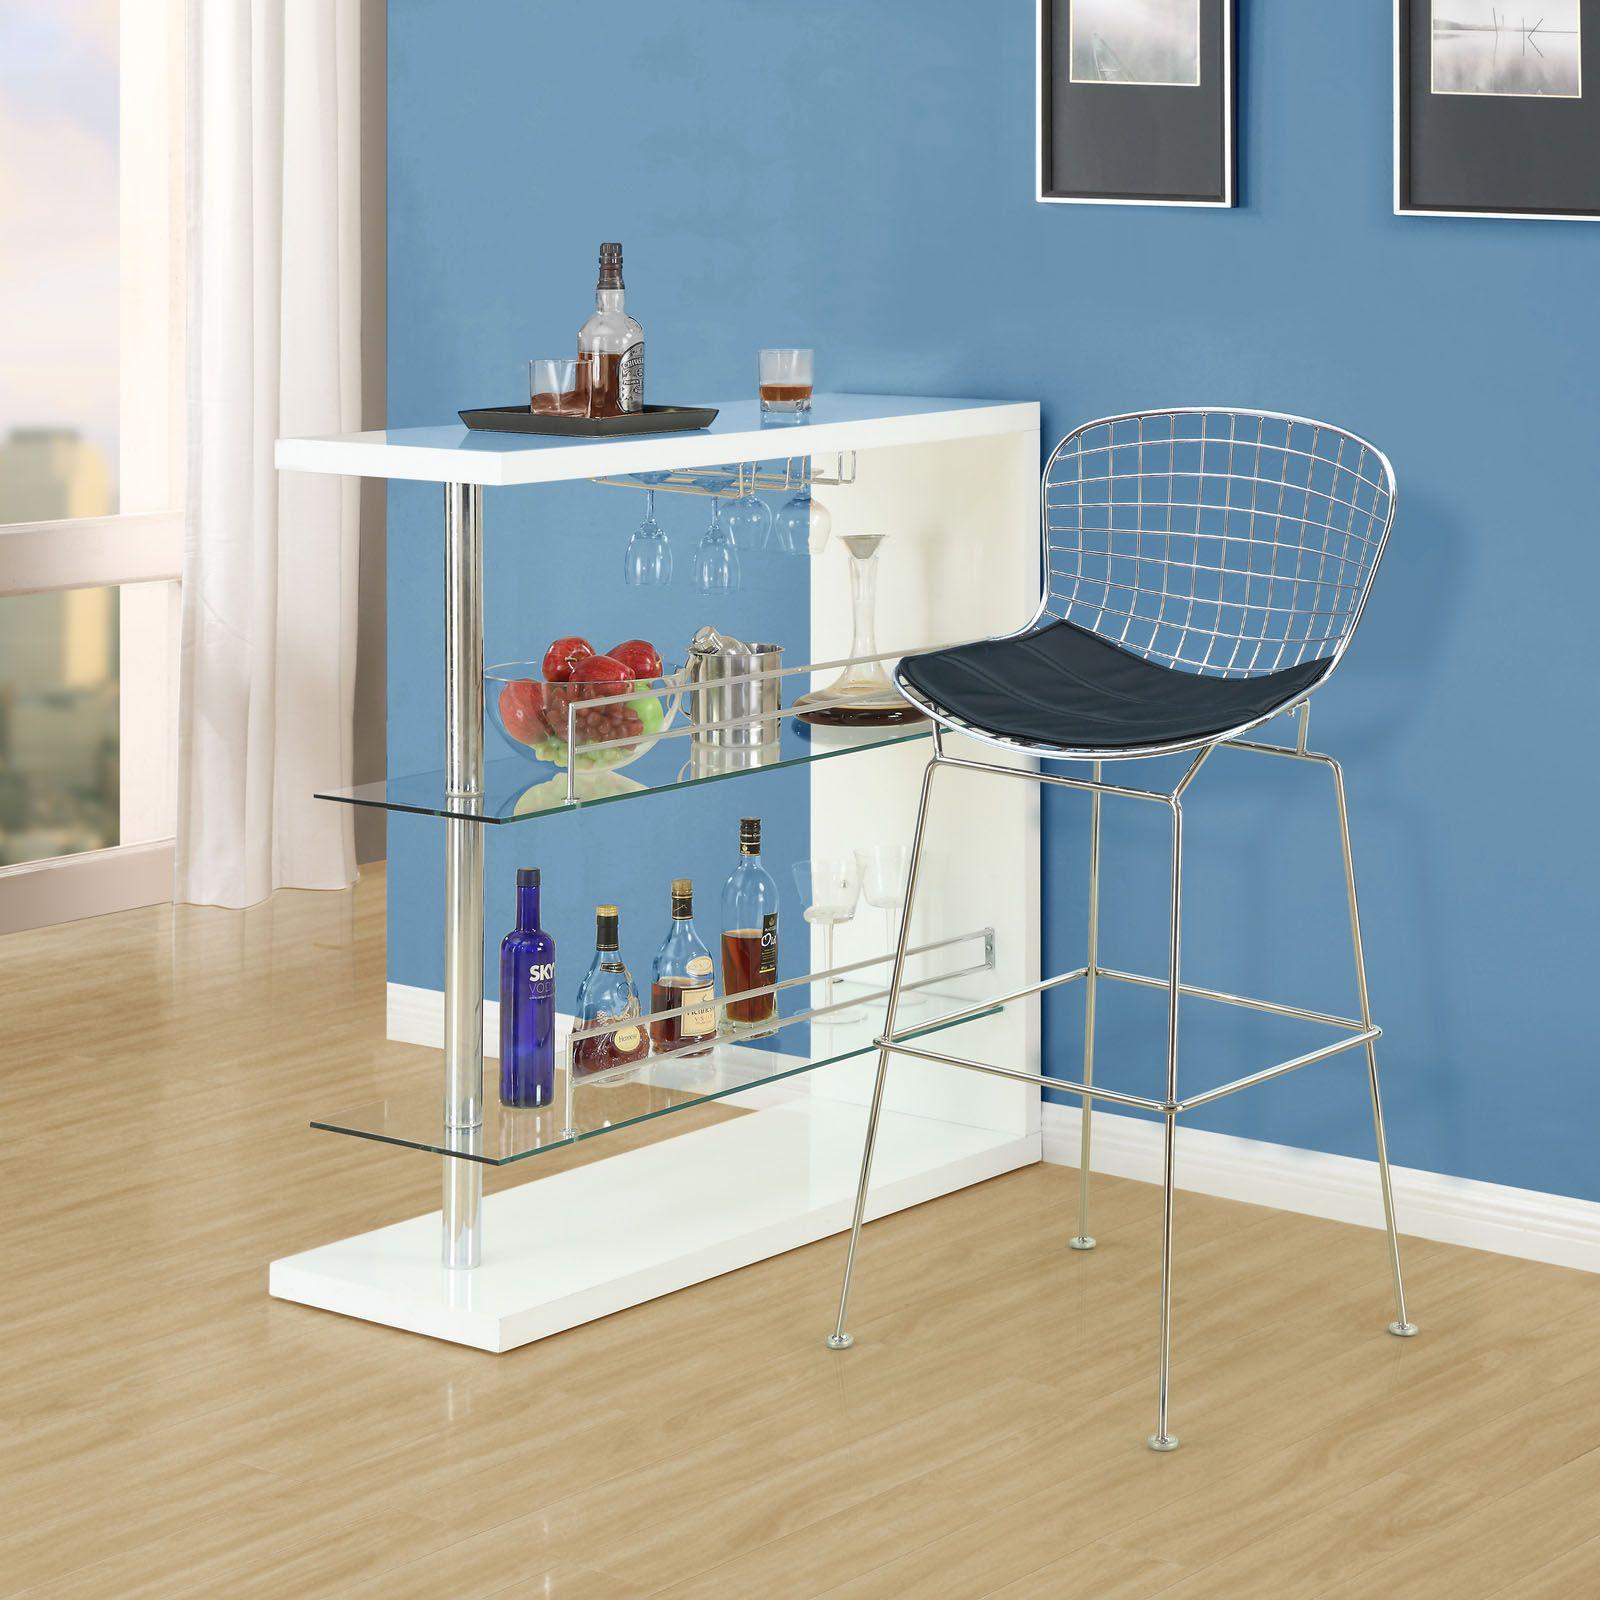 Bertoia Counter stool Design Harry Bertoia, 1952 Welded steel rods ...